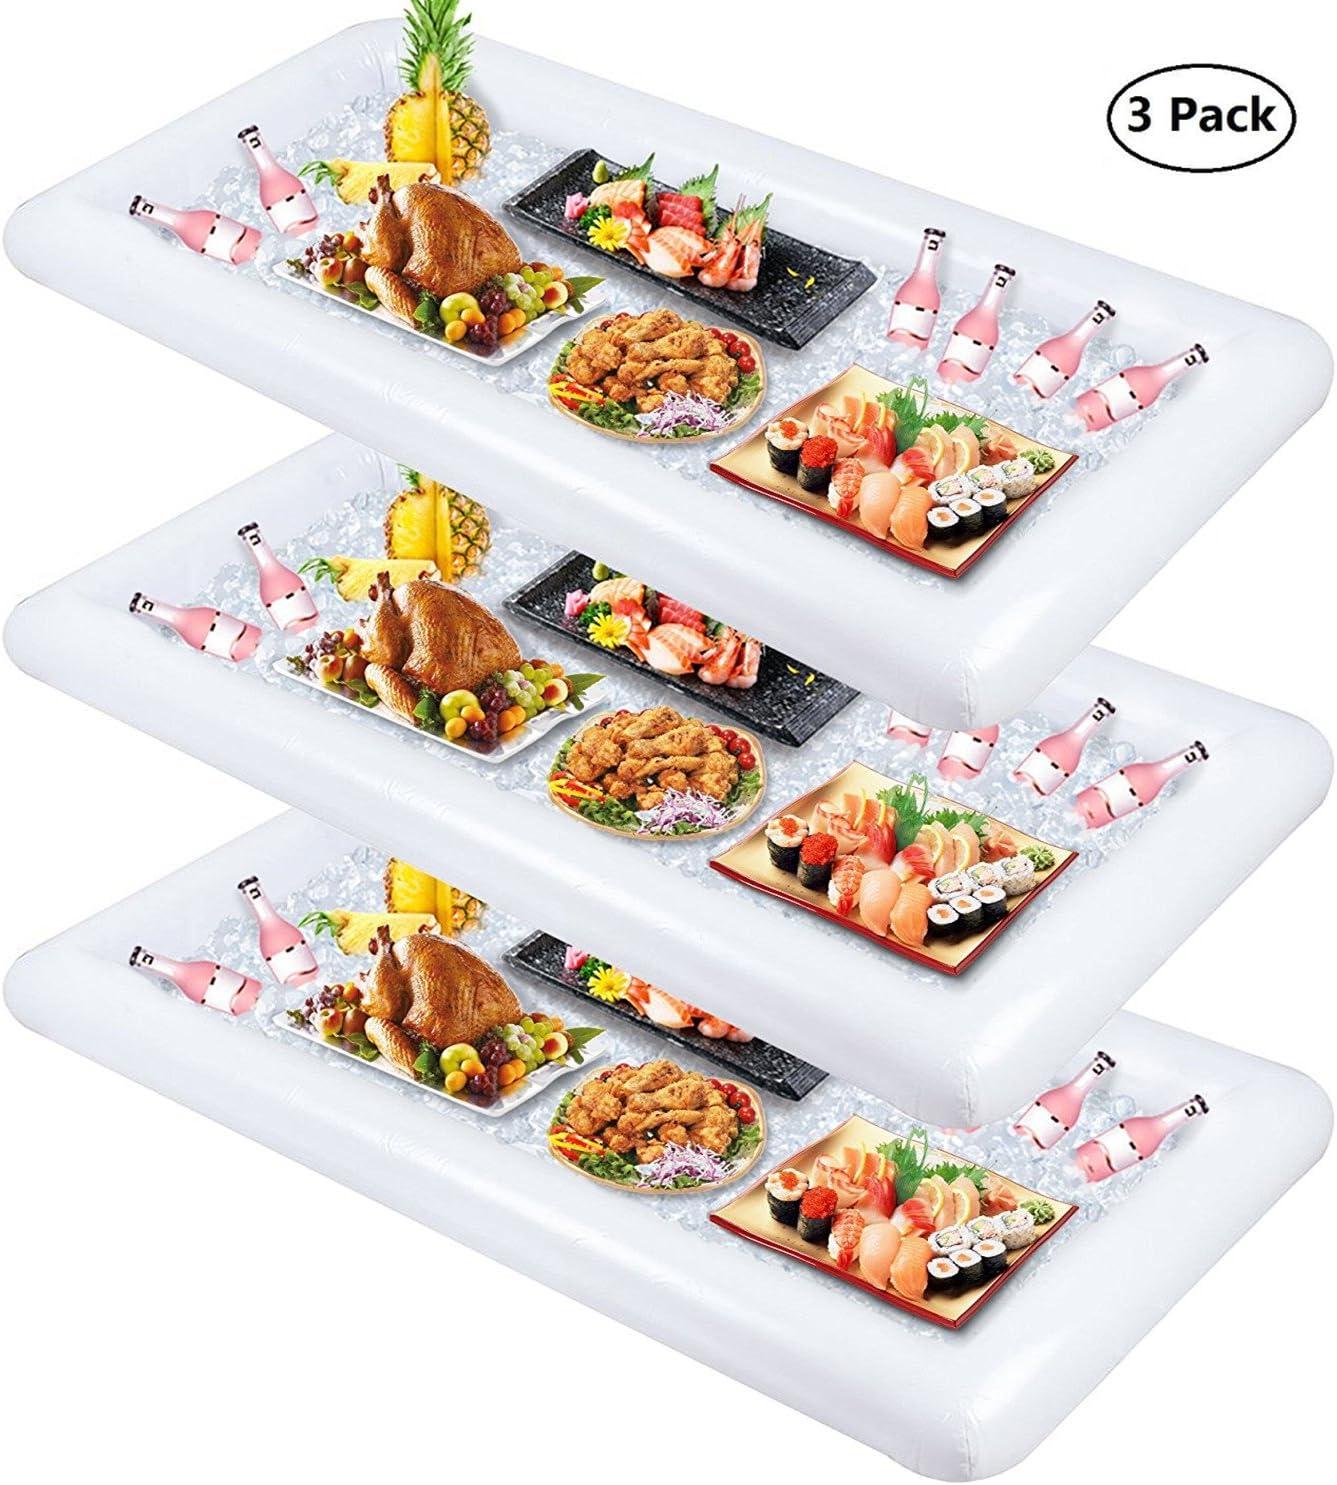 Wisdom - Juego de 3 bandejas hinchables para servir ensalada y hielo, contenedores para bebidas de alimentos, suministros para fiesta, buffet y luau, con tapón de drenaje para barbacoa, piscina de picnic: